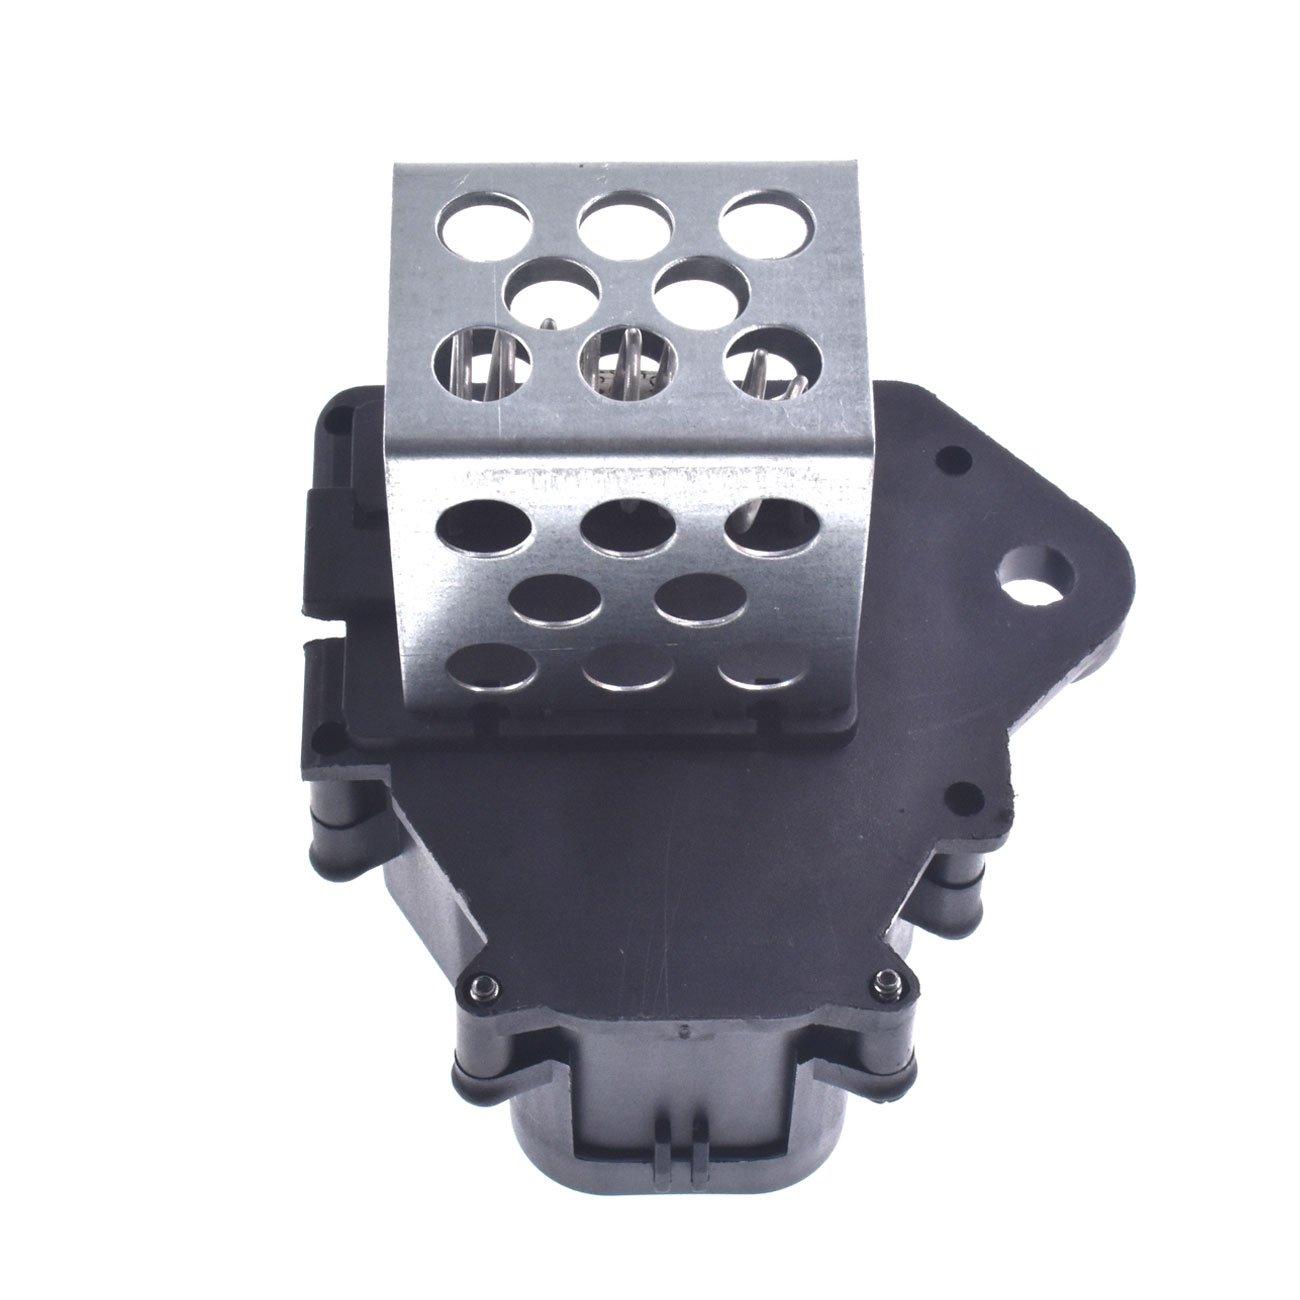 Sthus 9659799080 Radiator Fan Cooling Motor Resistor For Citroen C4 Berlingo C4 Picasso